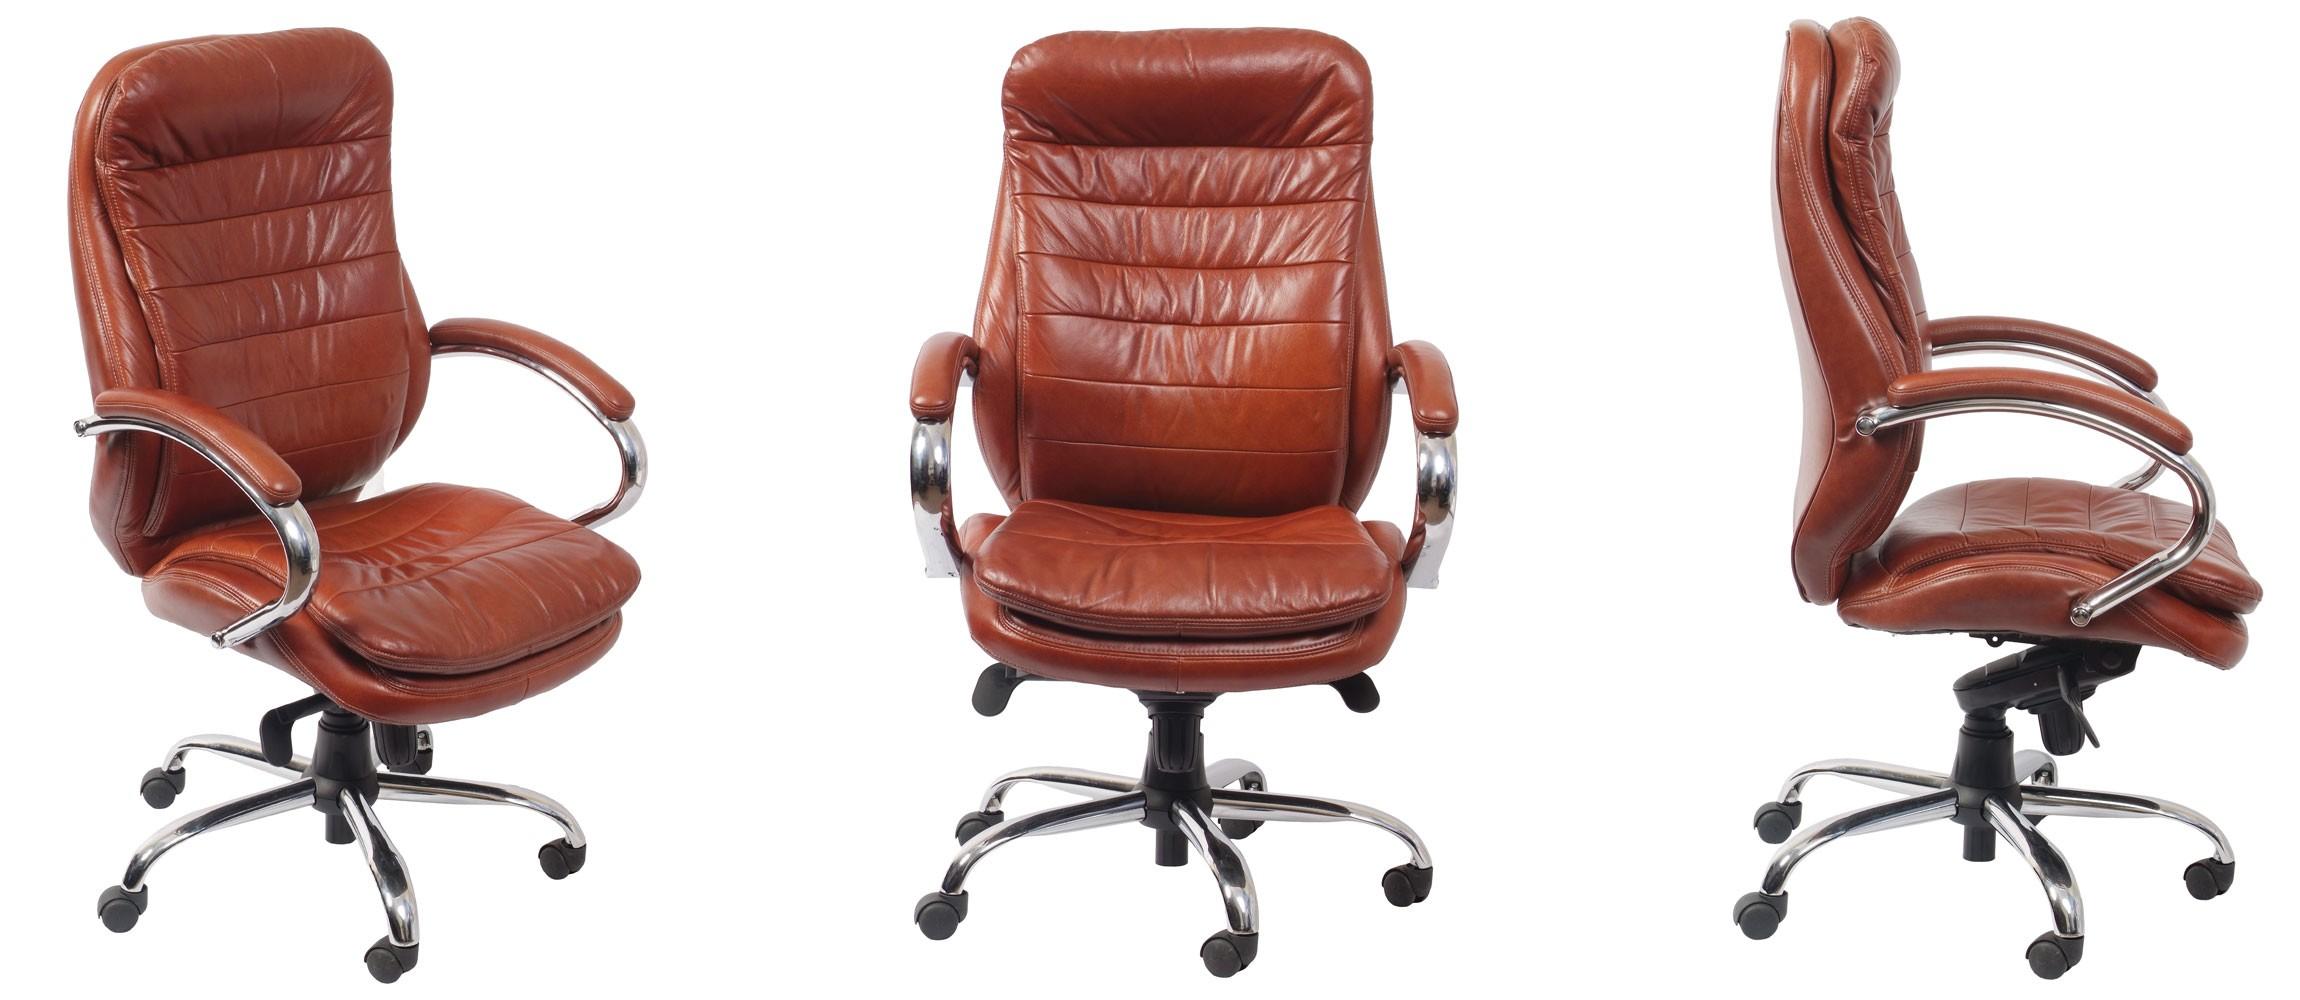 Как выбрать кресла для офиса: разновидности и особенности